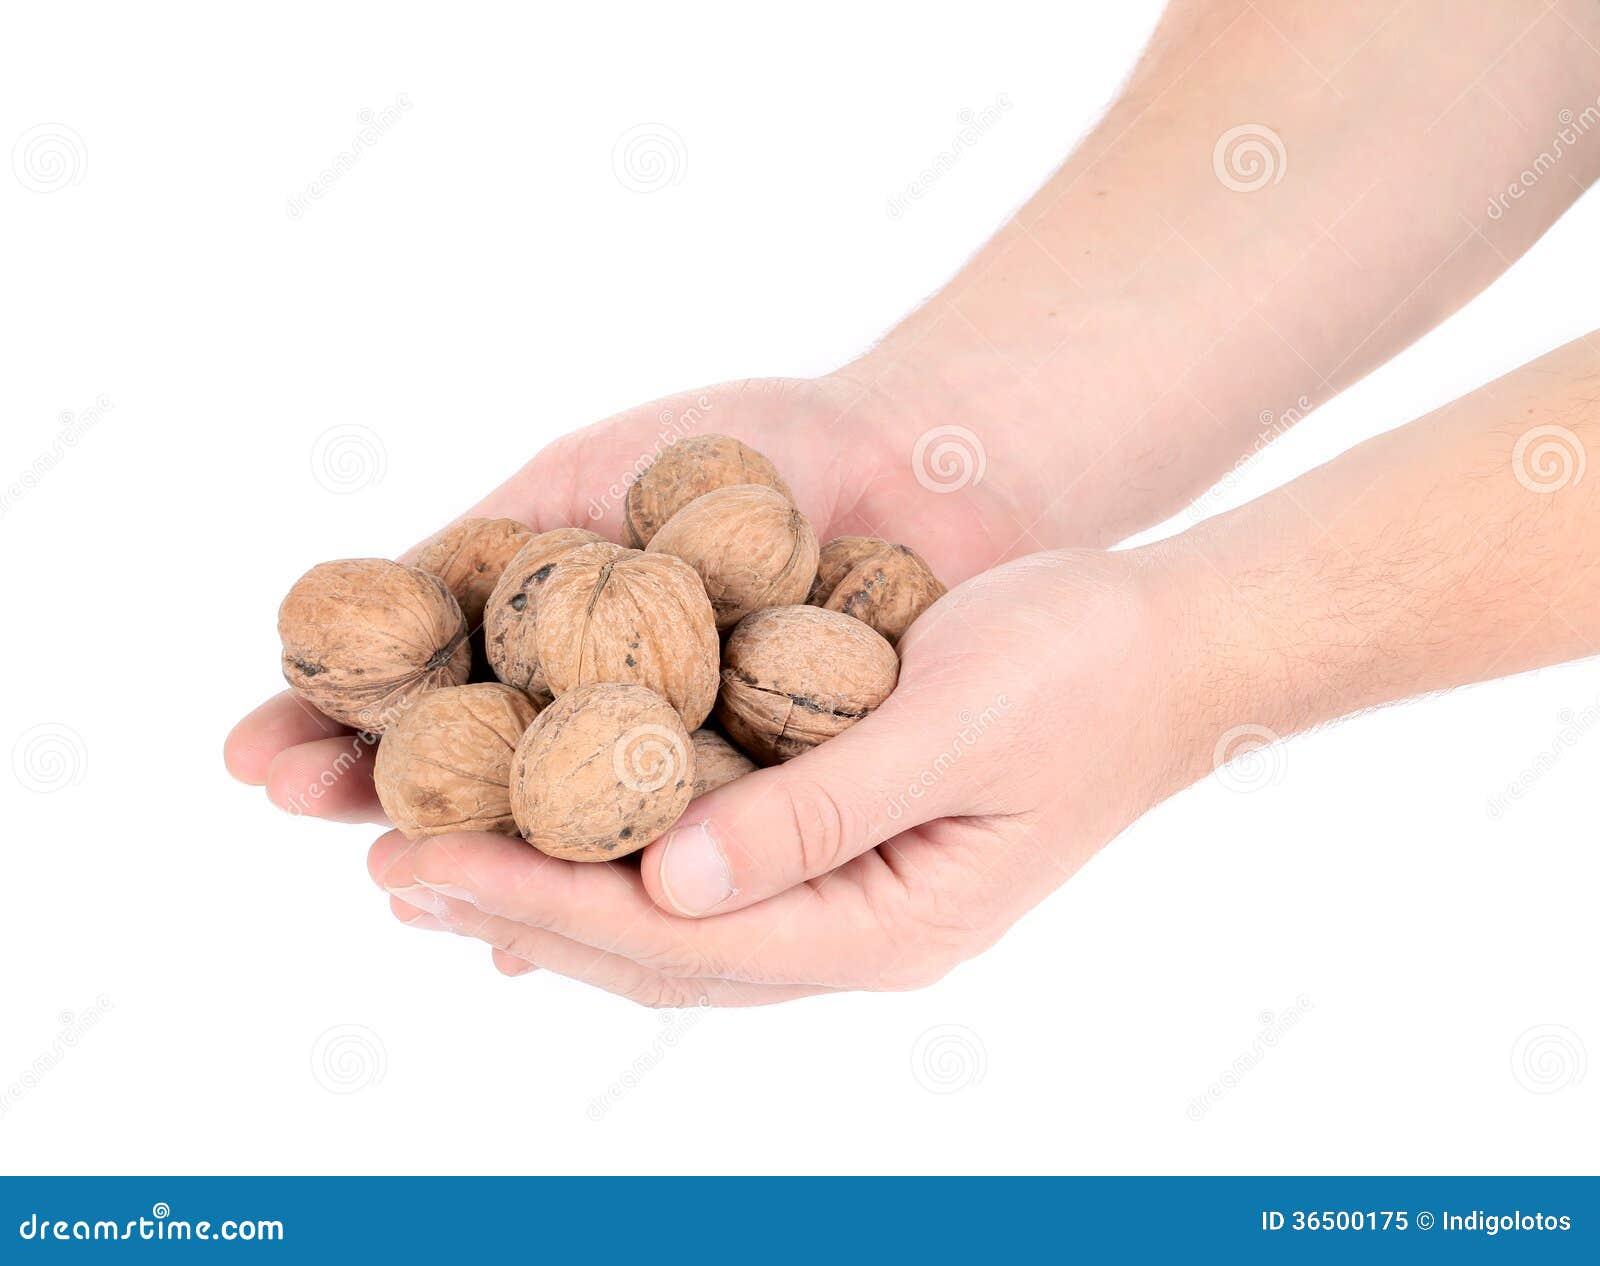 Groupe de noix dans des mains.